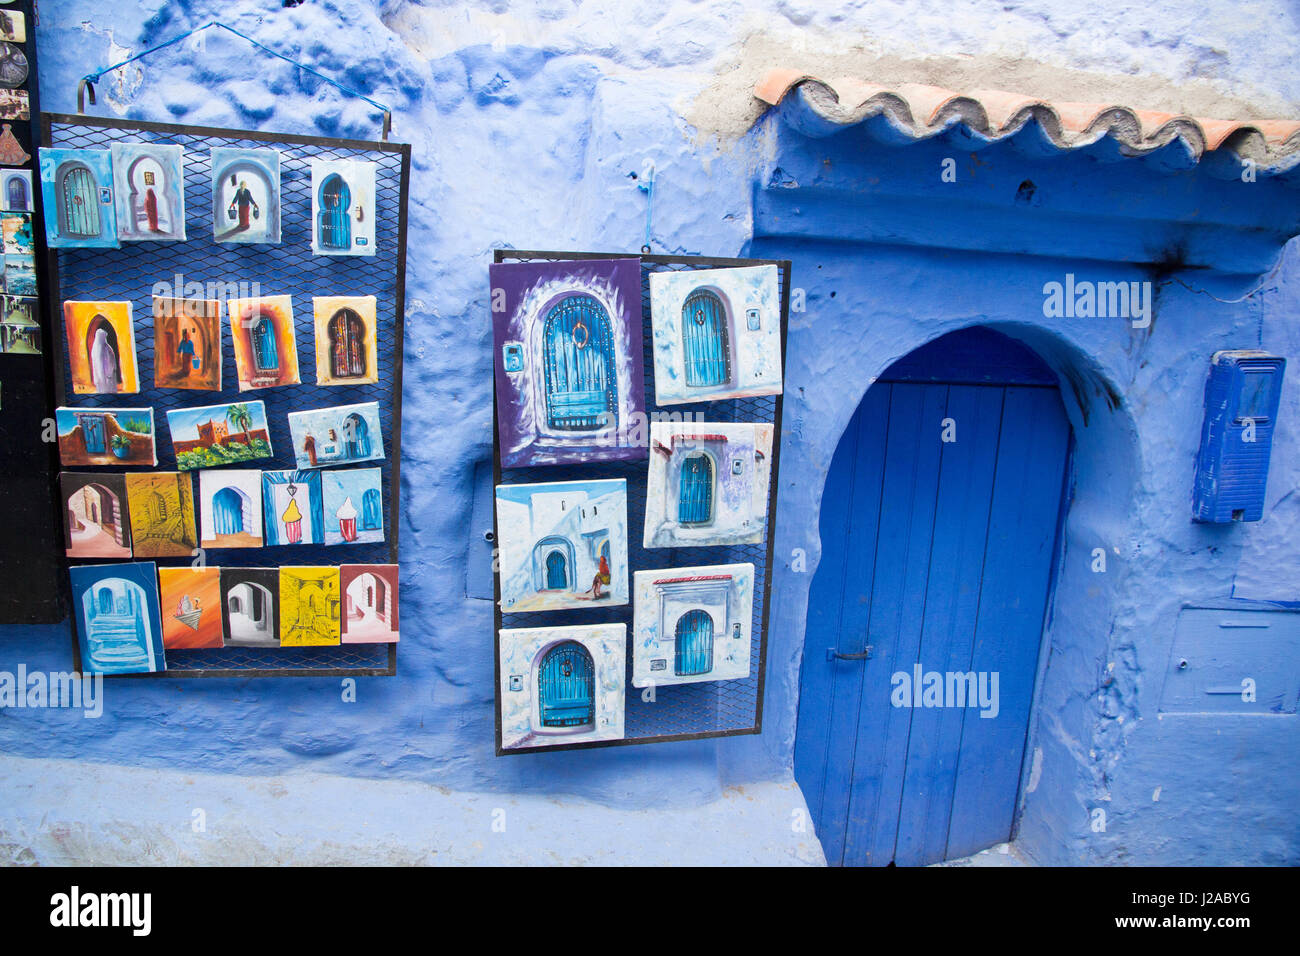 Bemalte Fliesen Zum Verkauf Im SouvenirShop In Der Kasbah - Mallorca fliesen shop